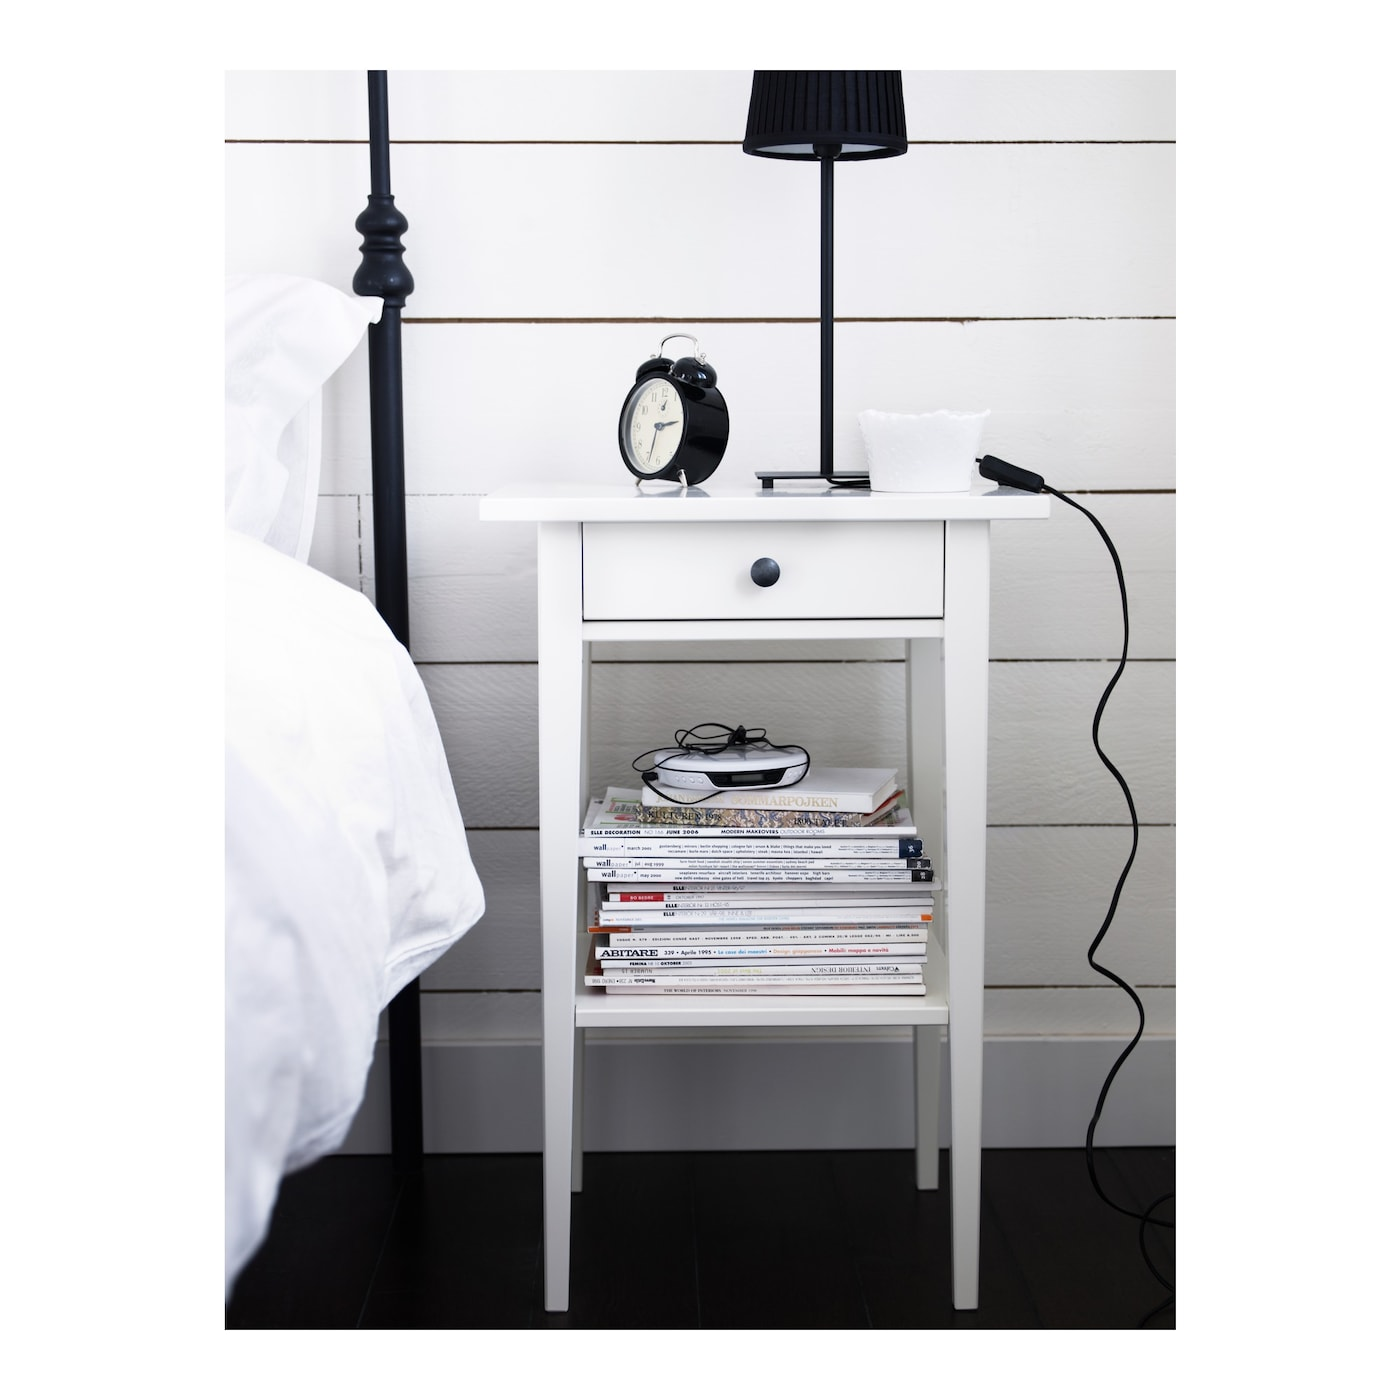 Hemnes mesilla de noche blanco 46 x 35 cm ikea - Ikea mesillas y sinfonier ...